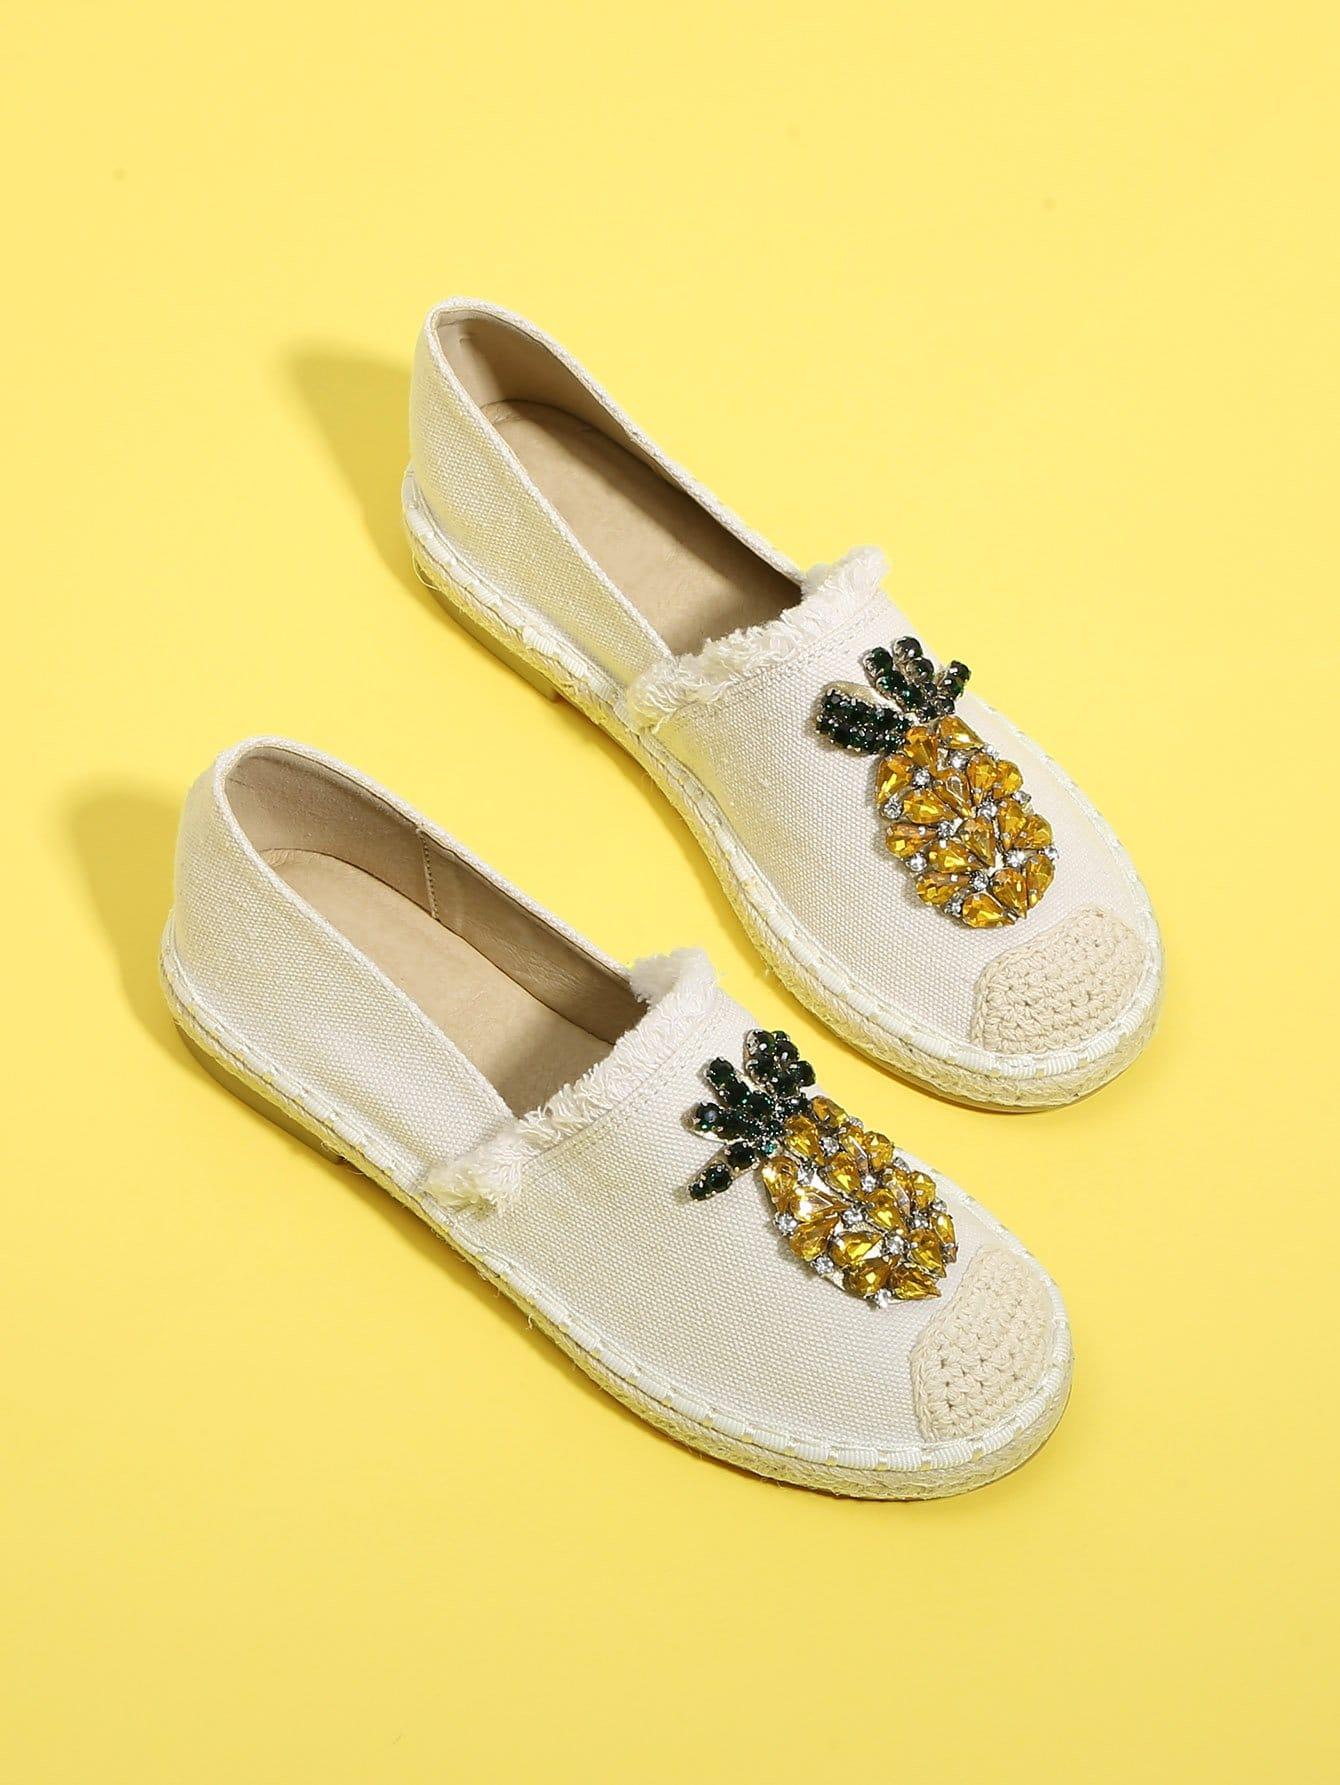 Купить Туфли на плоской подошве с украшением горных хрусталей, null, SheIn